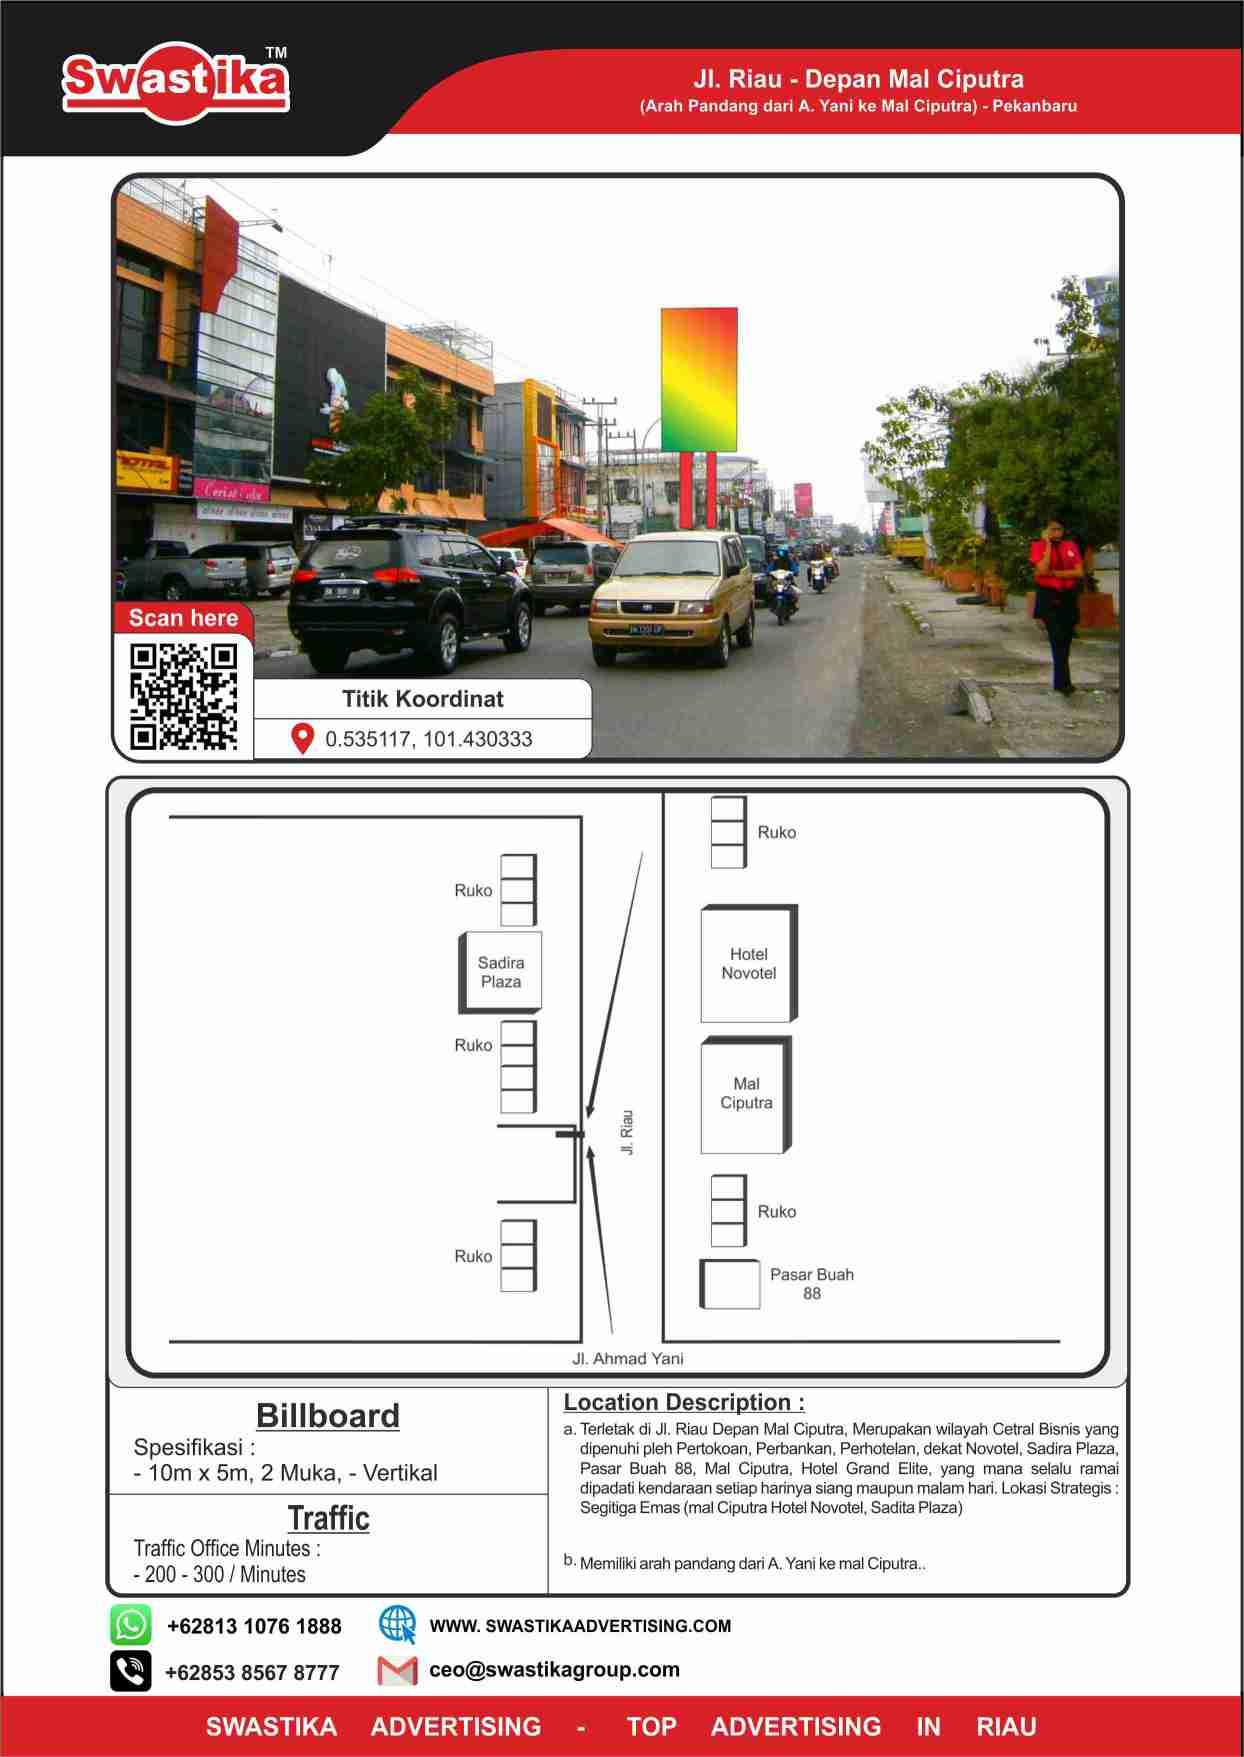 Jl Riau dpn Pintu Keluar Ciputra (Arah dari A Yani ke Ciputra)